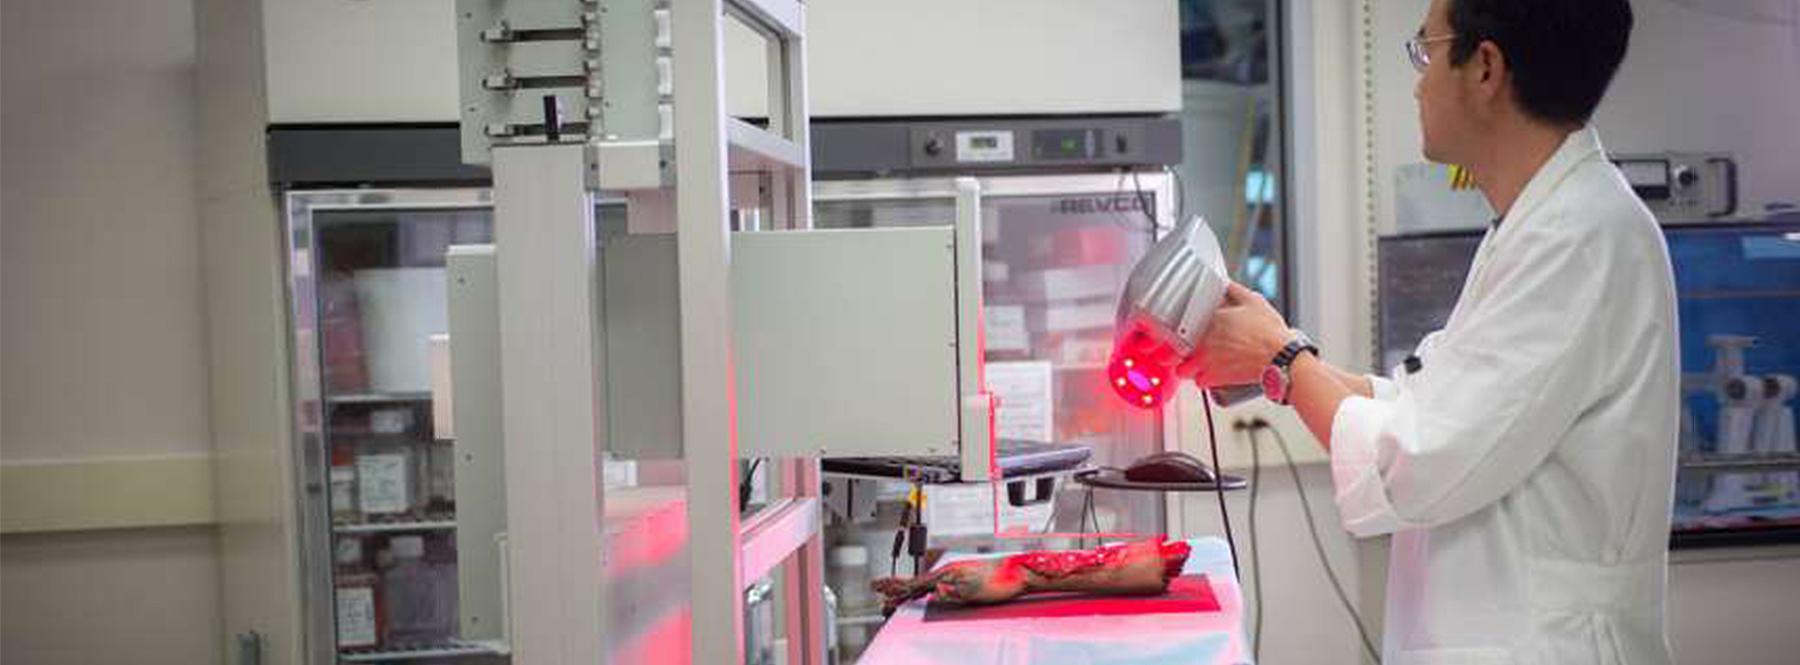 Esta impresora 3D imprime piel nueva directamente sobre las heridas